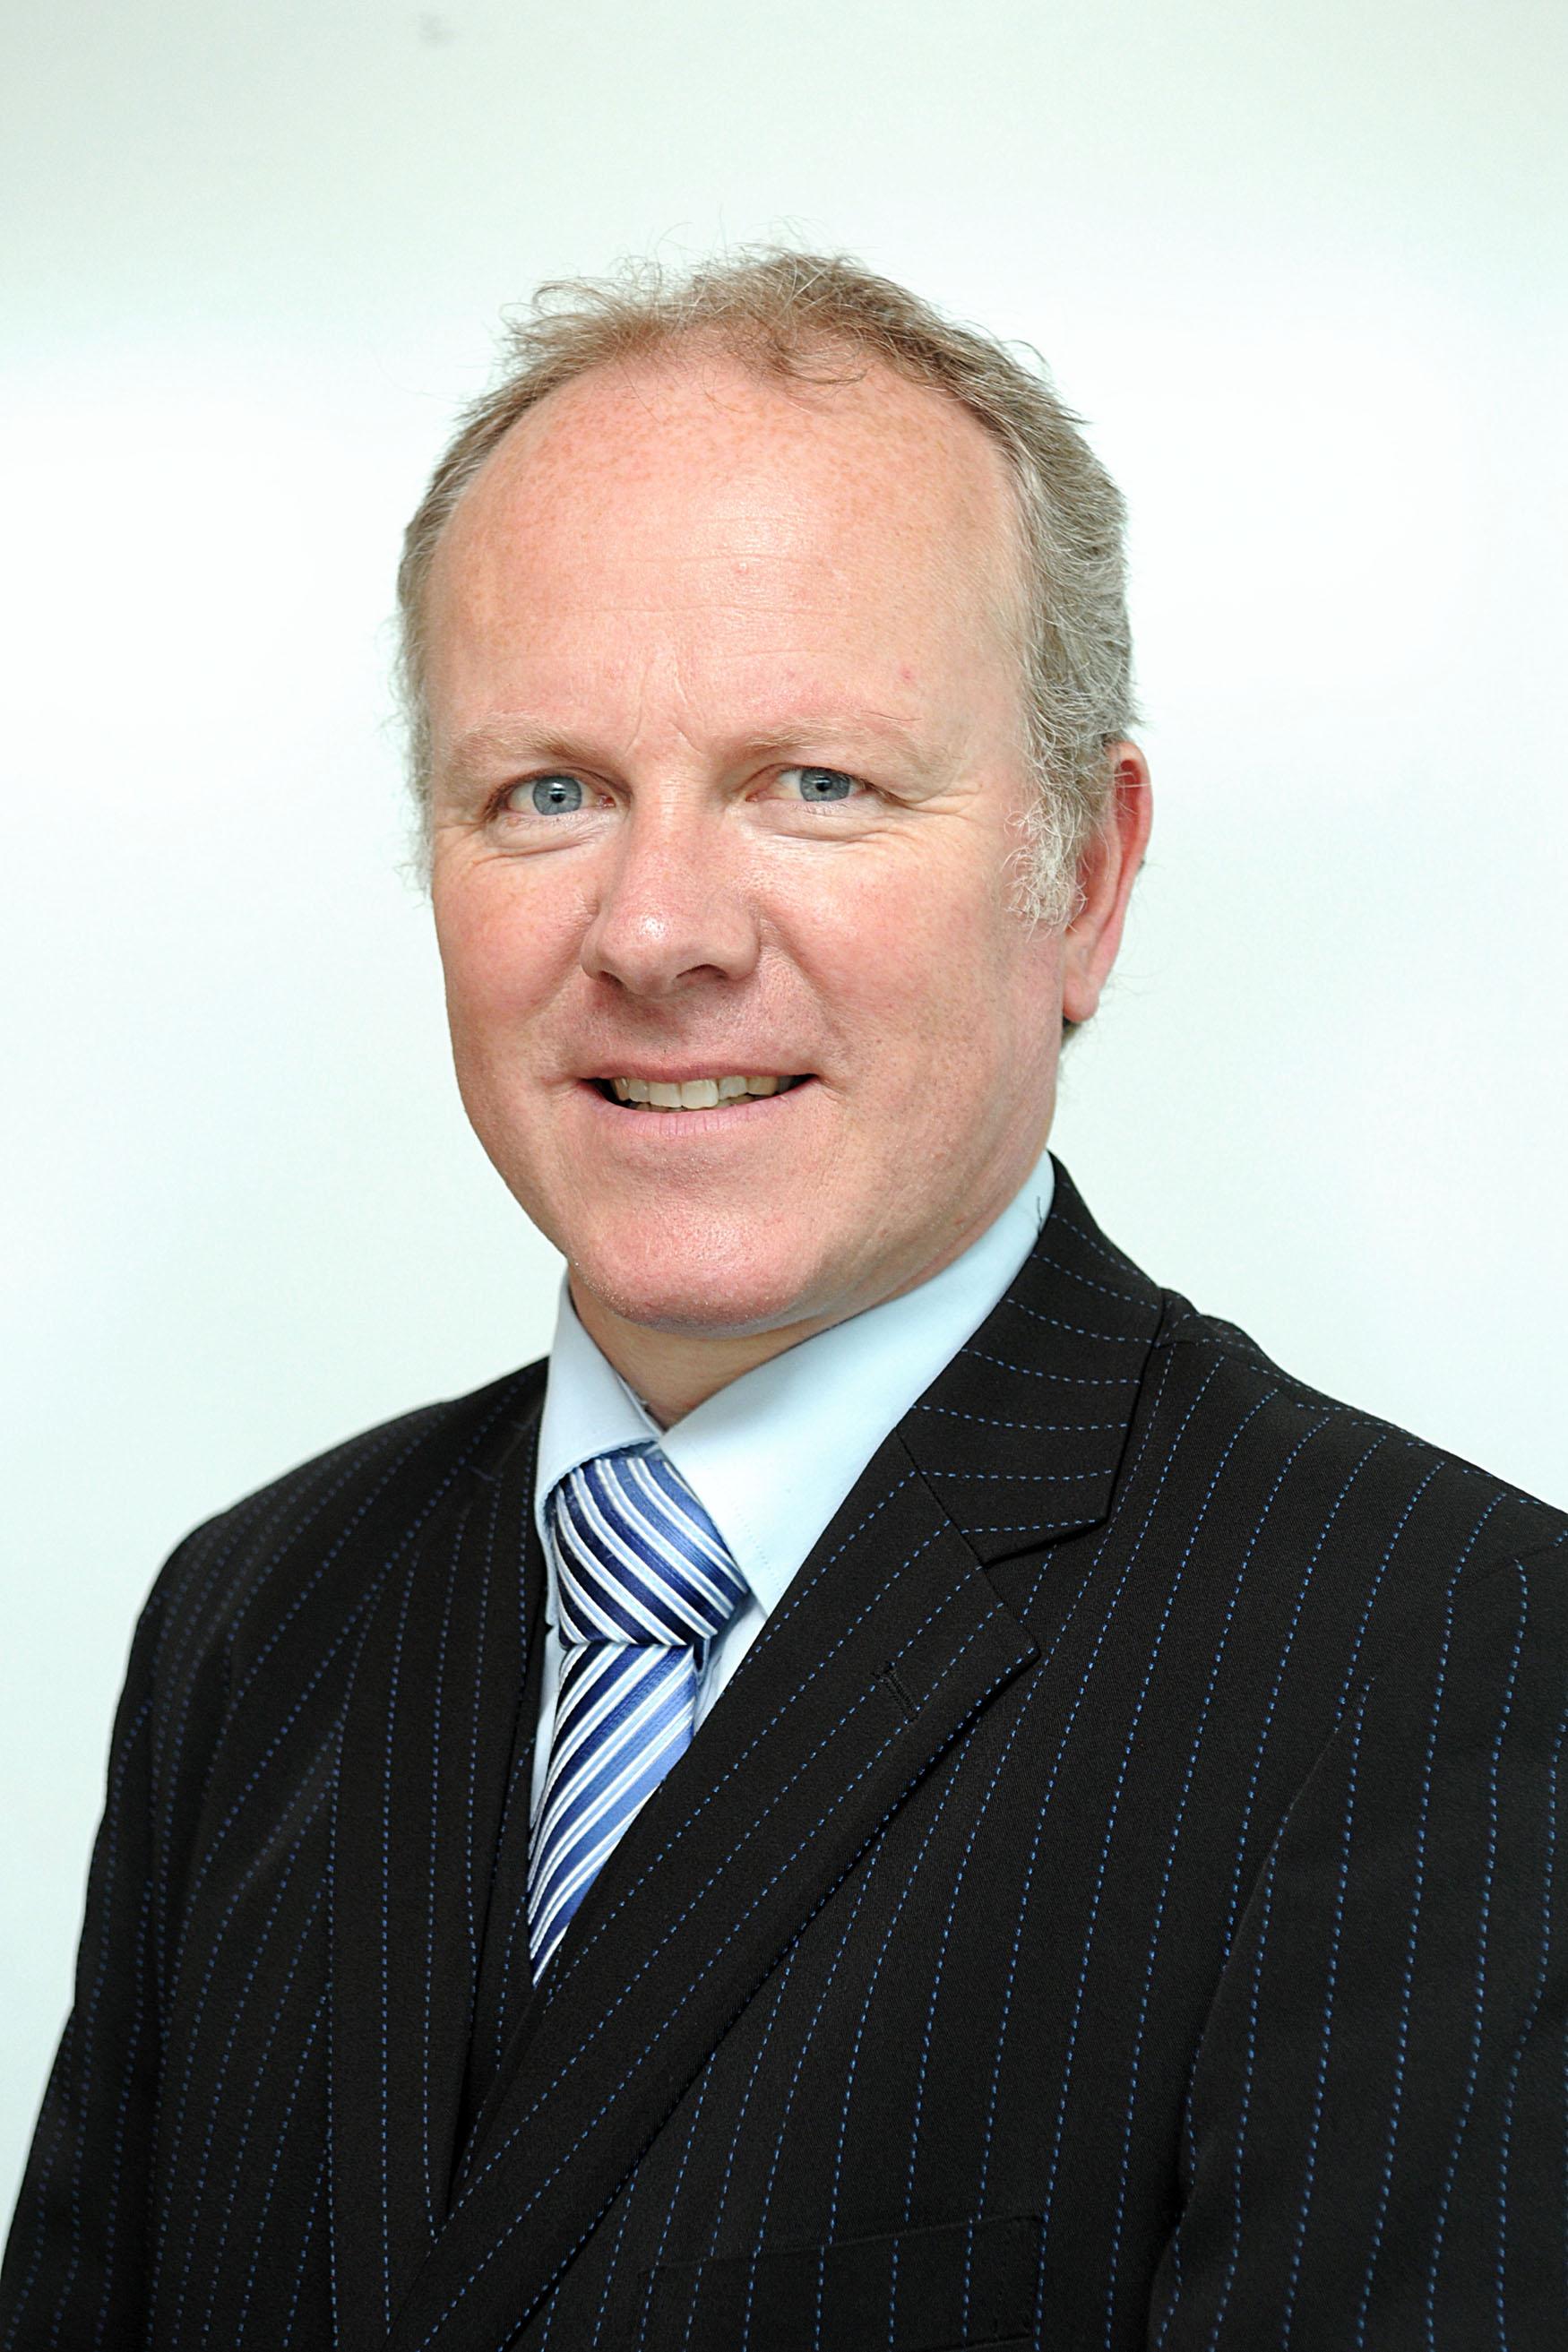 Photo of John Skidmore